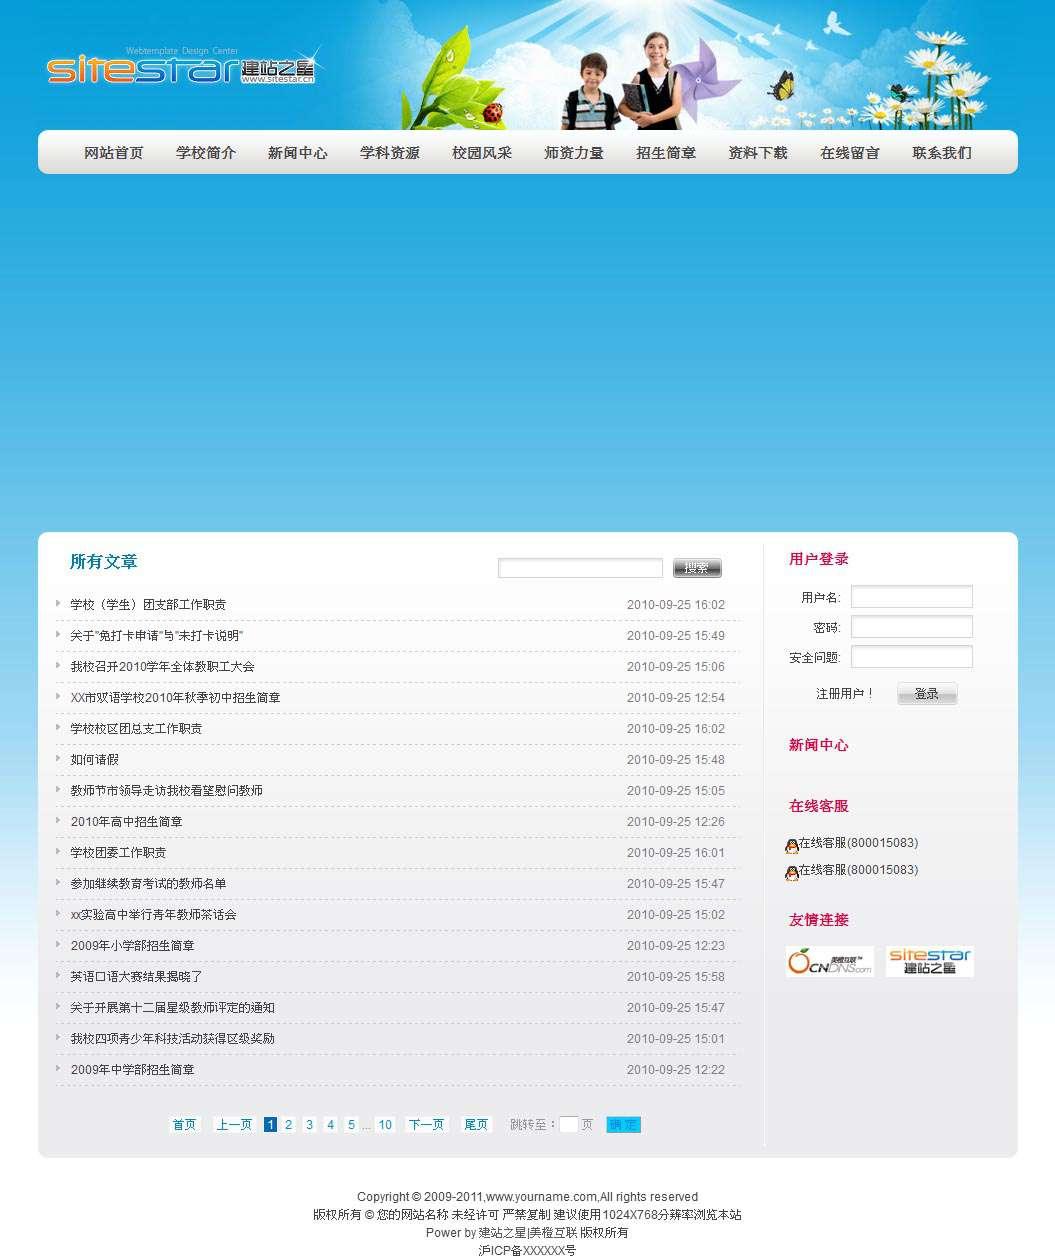 企业网站-学校A11模板列表页面